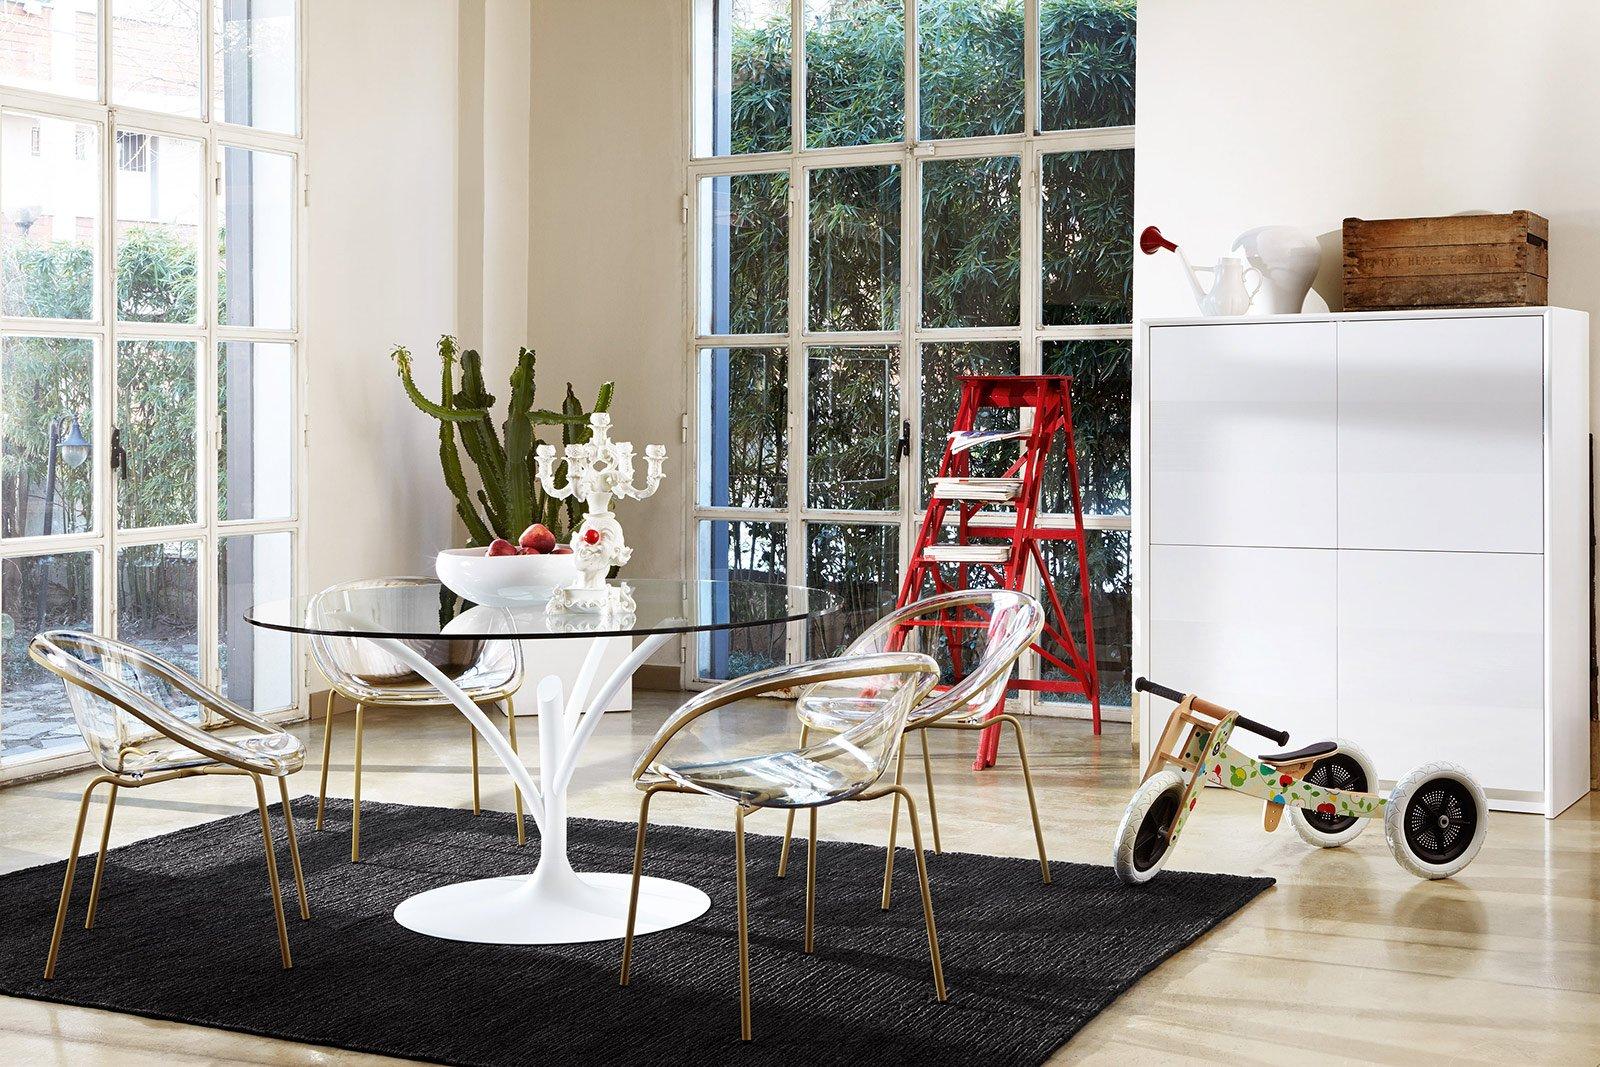 Leggero Lunghi Rami In Metallo Verniciato Bianco Per La Struttura Di  #703828 1600 1067 Tavoli Da Pranzo Ovali Moderni